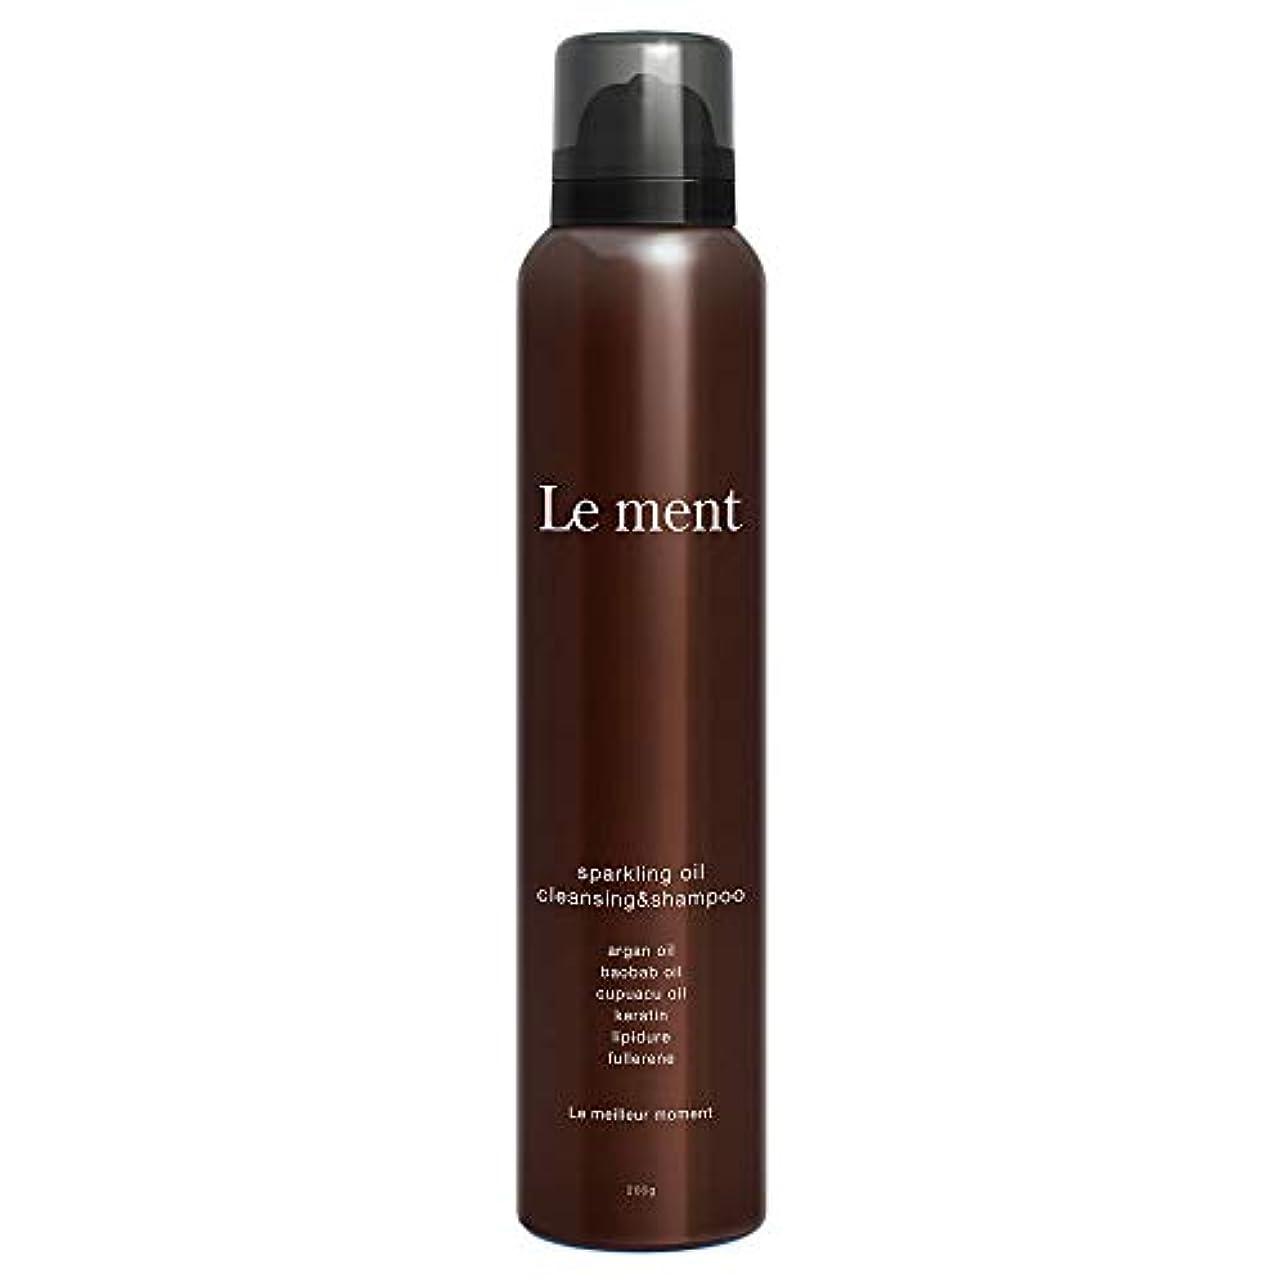 グラマーわずかに完璧Le ment -sparkling oil cleansing & shampoo -